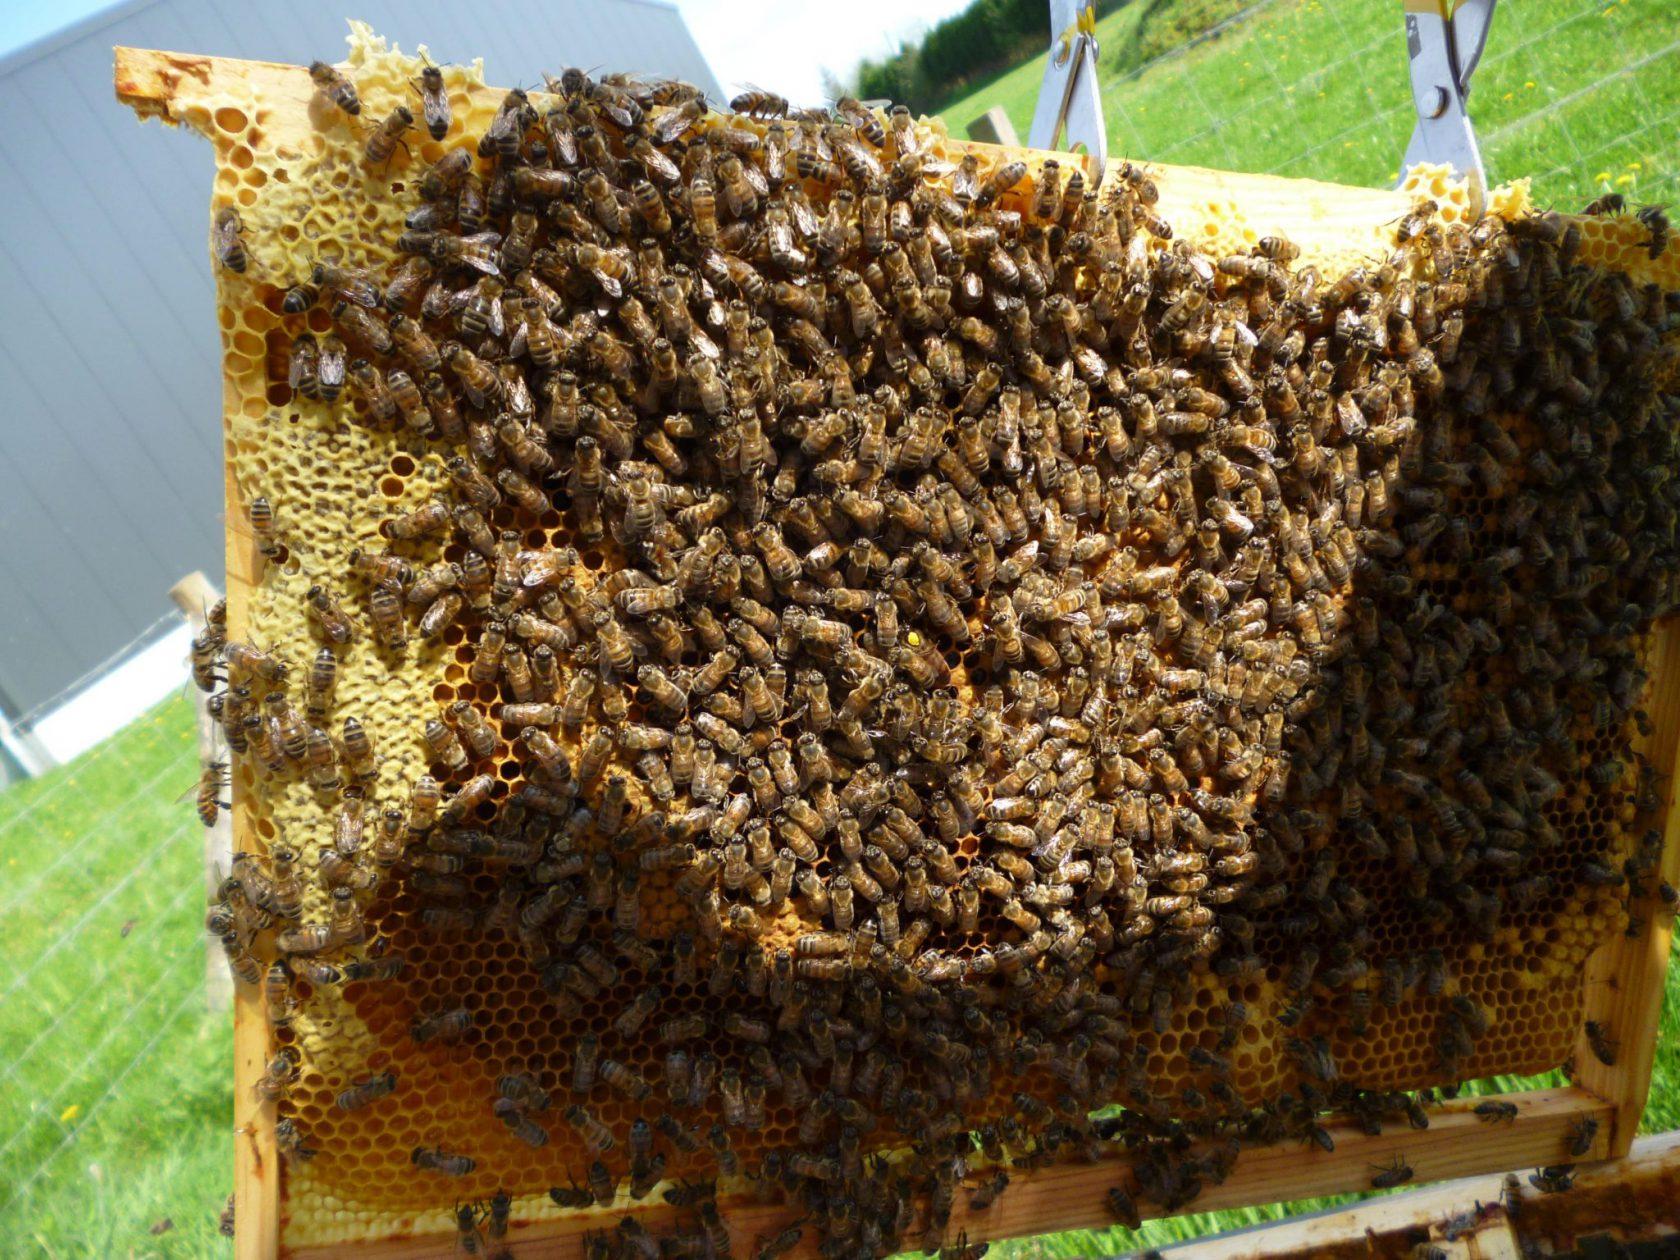 Première récolte de miel à la maison Canler